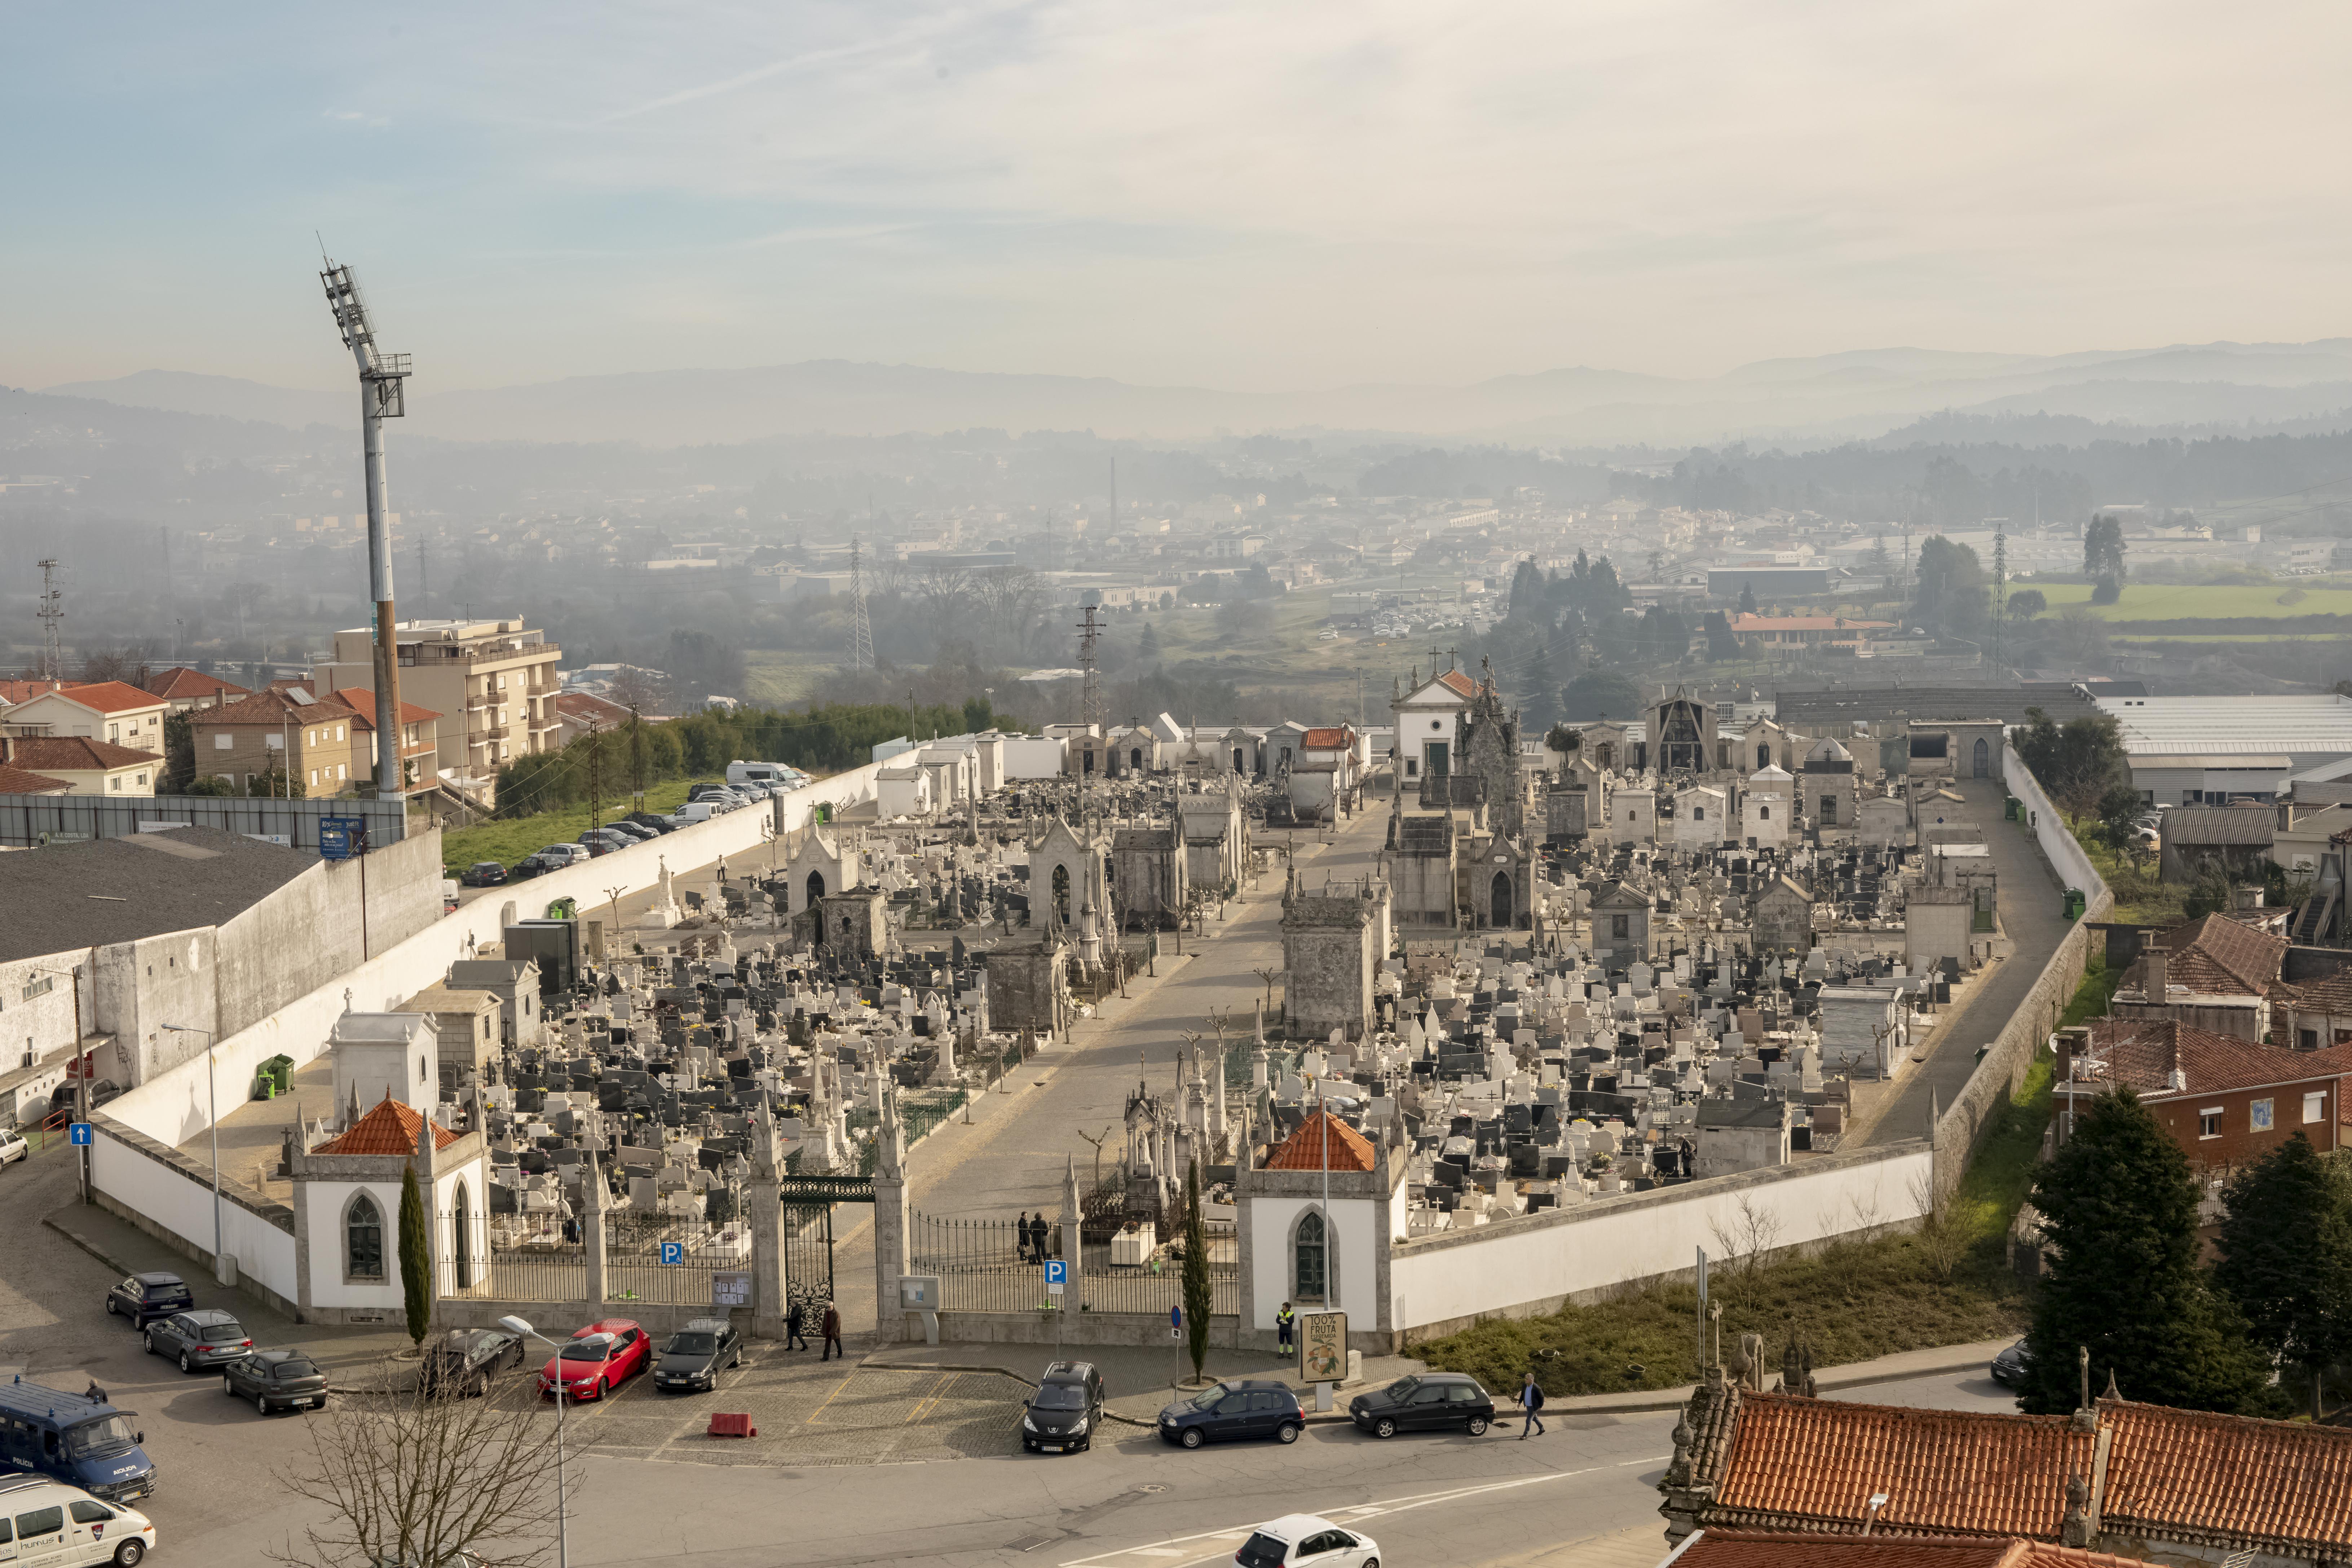 Cemitério Municipal encerra nos dias 31 de outubro e 1 de novembro